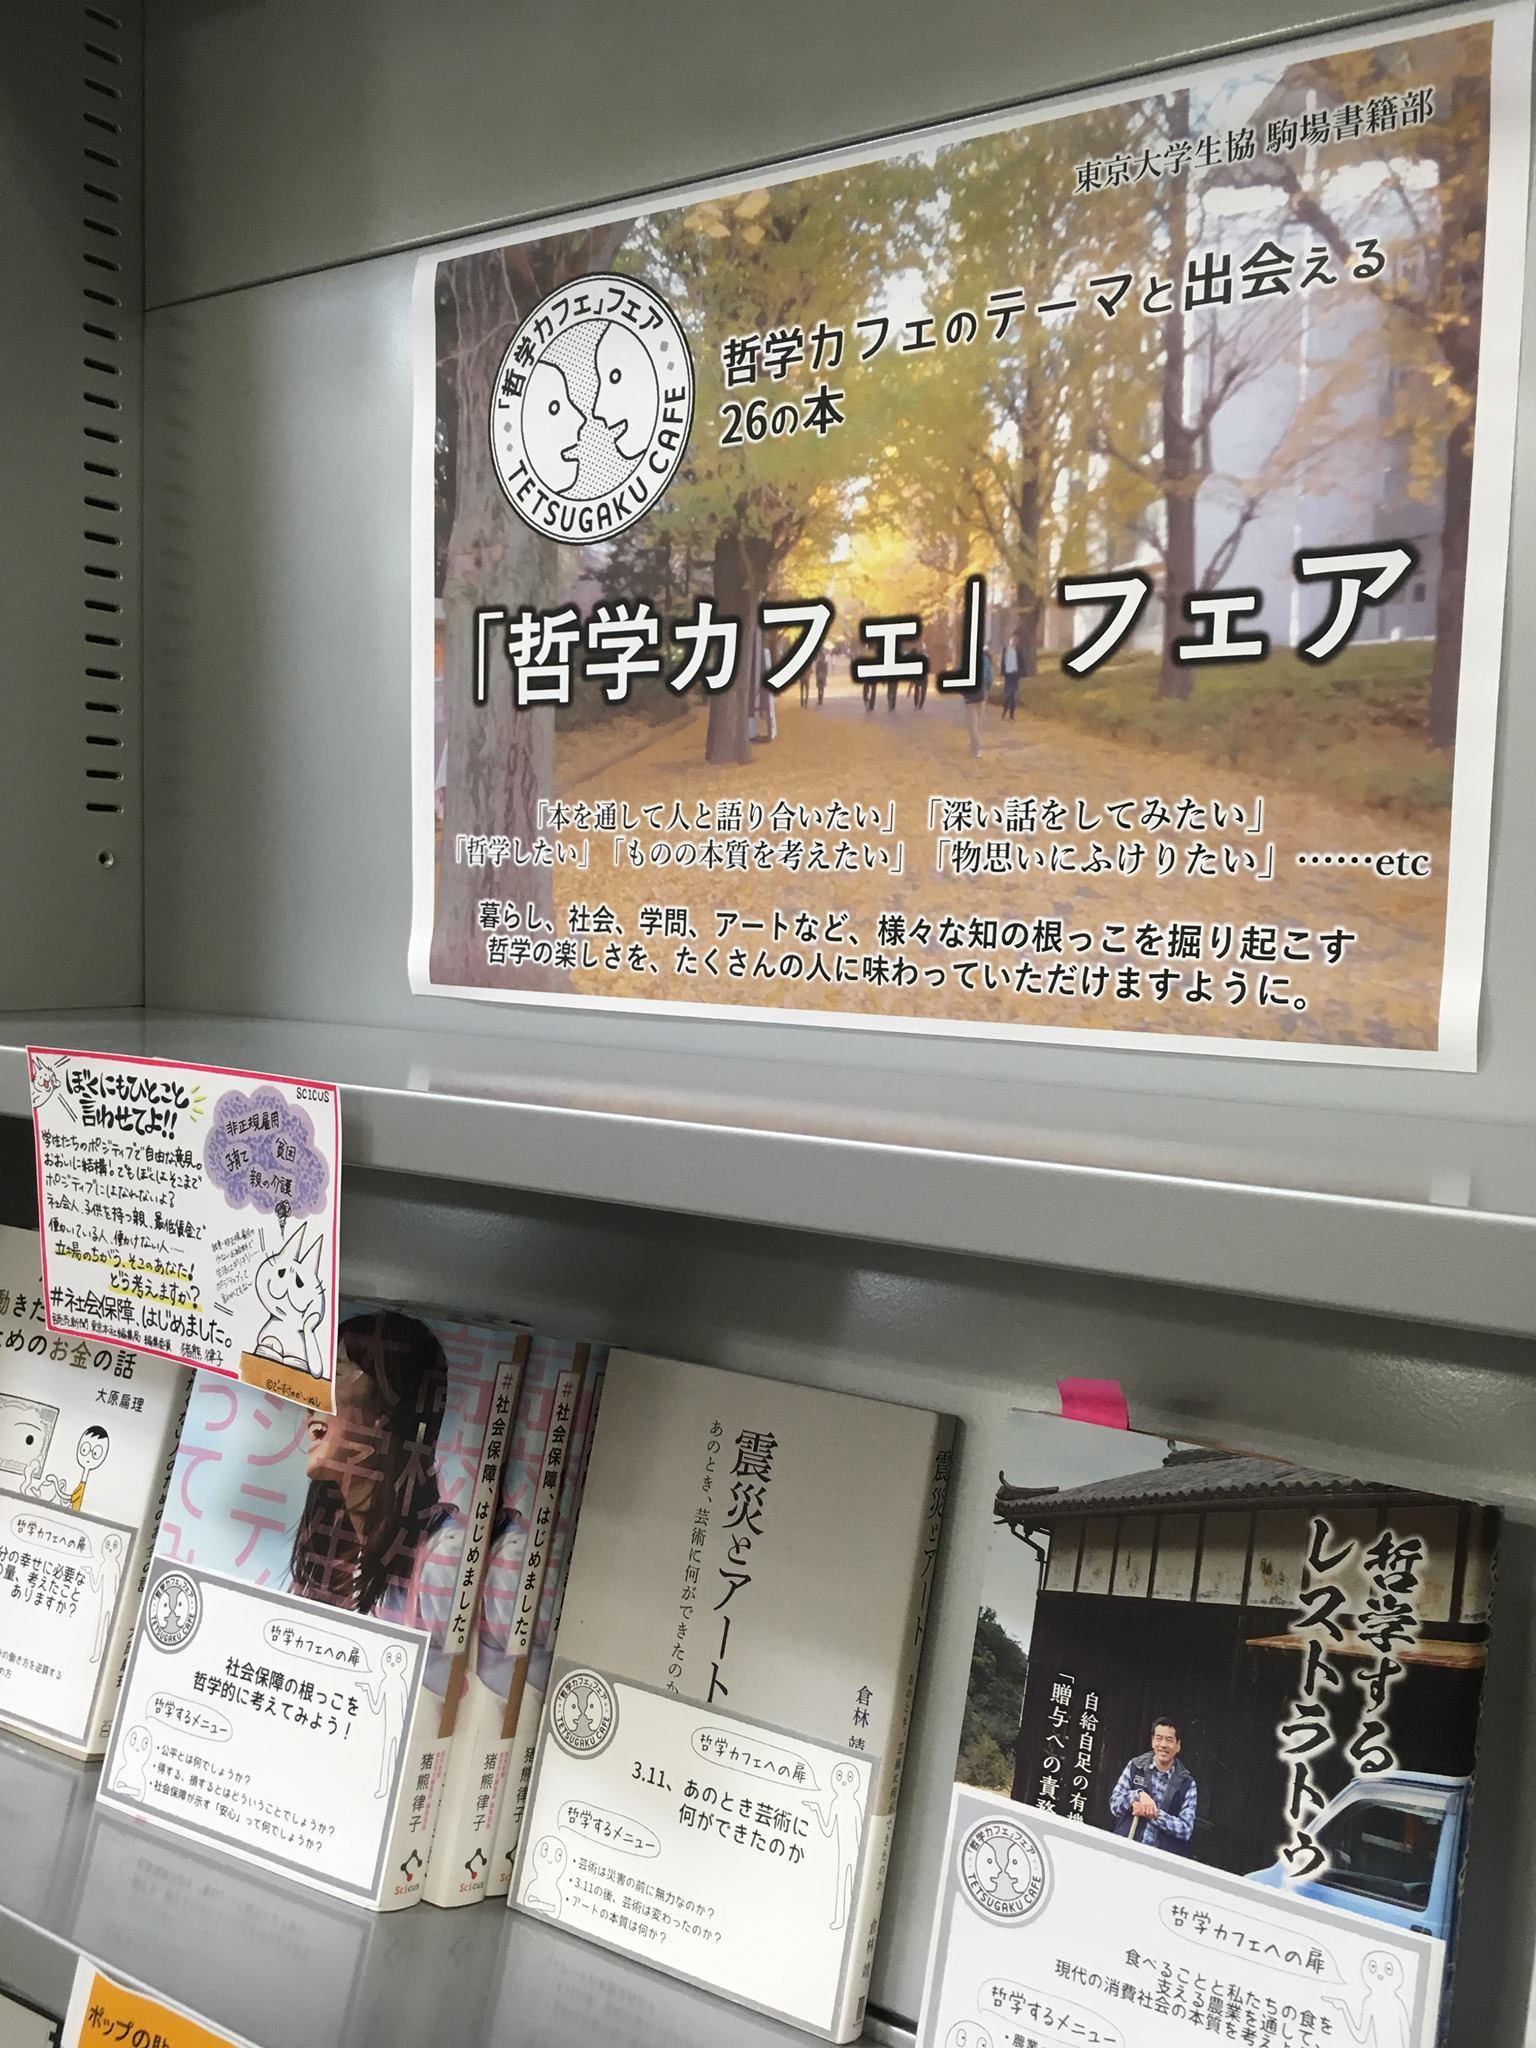 東京大学生協 駒場書籍部ブックフェア『哲学カフェのテーマと出会える26の本』第2回